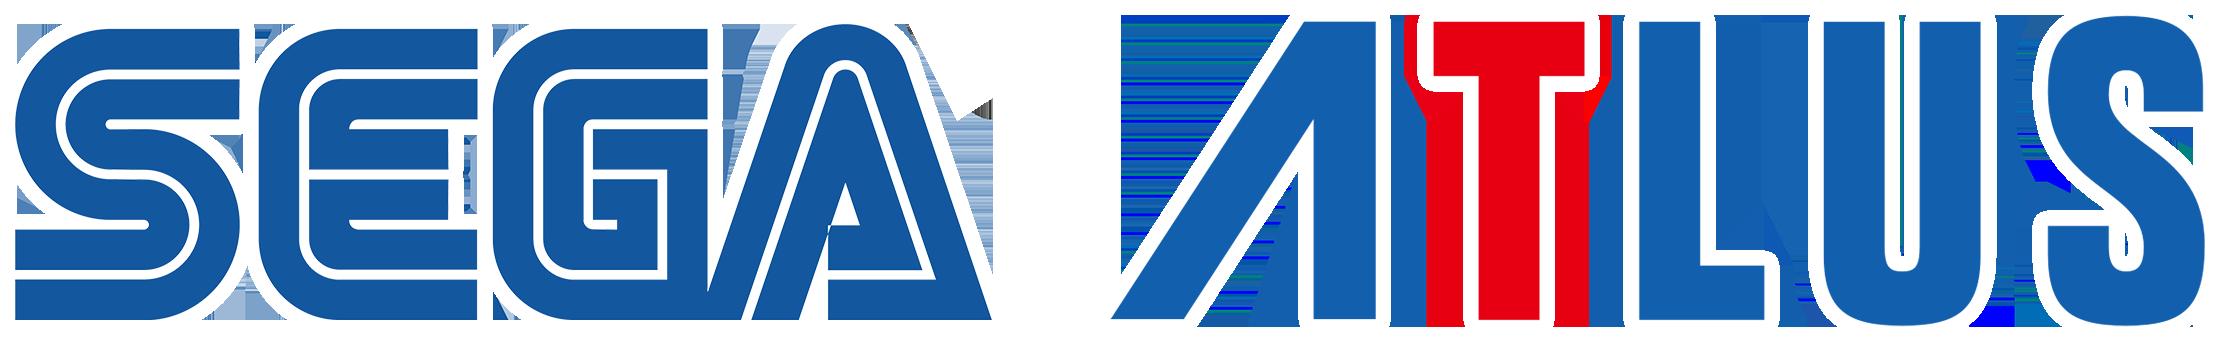 Sega / Atlus